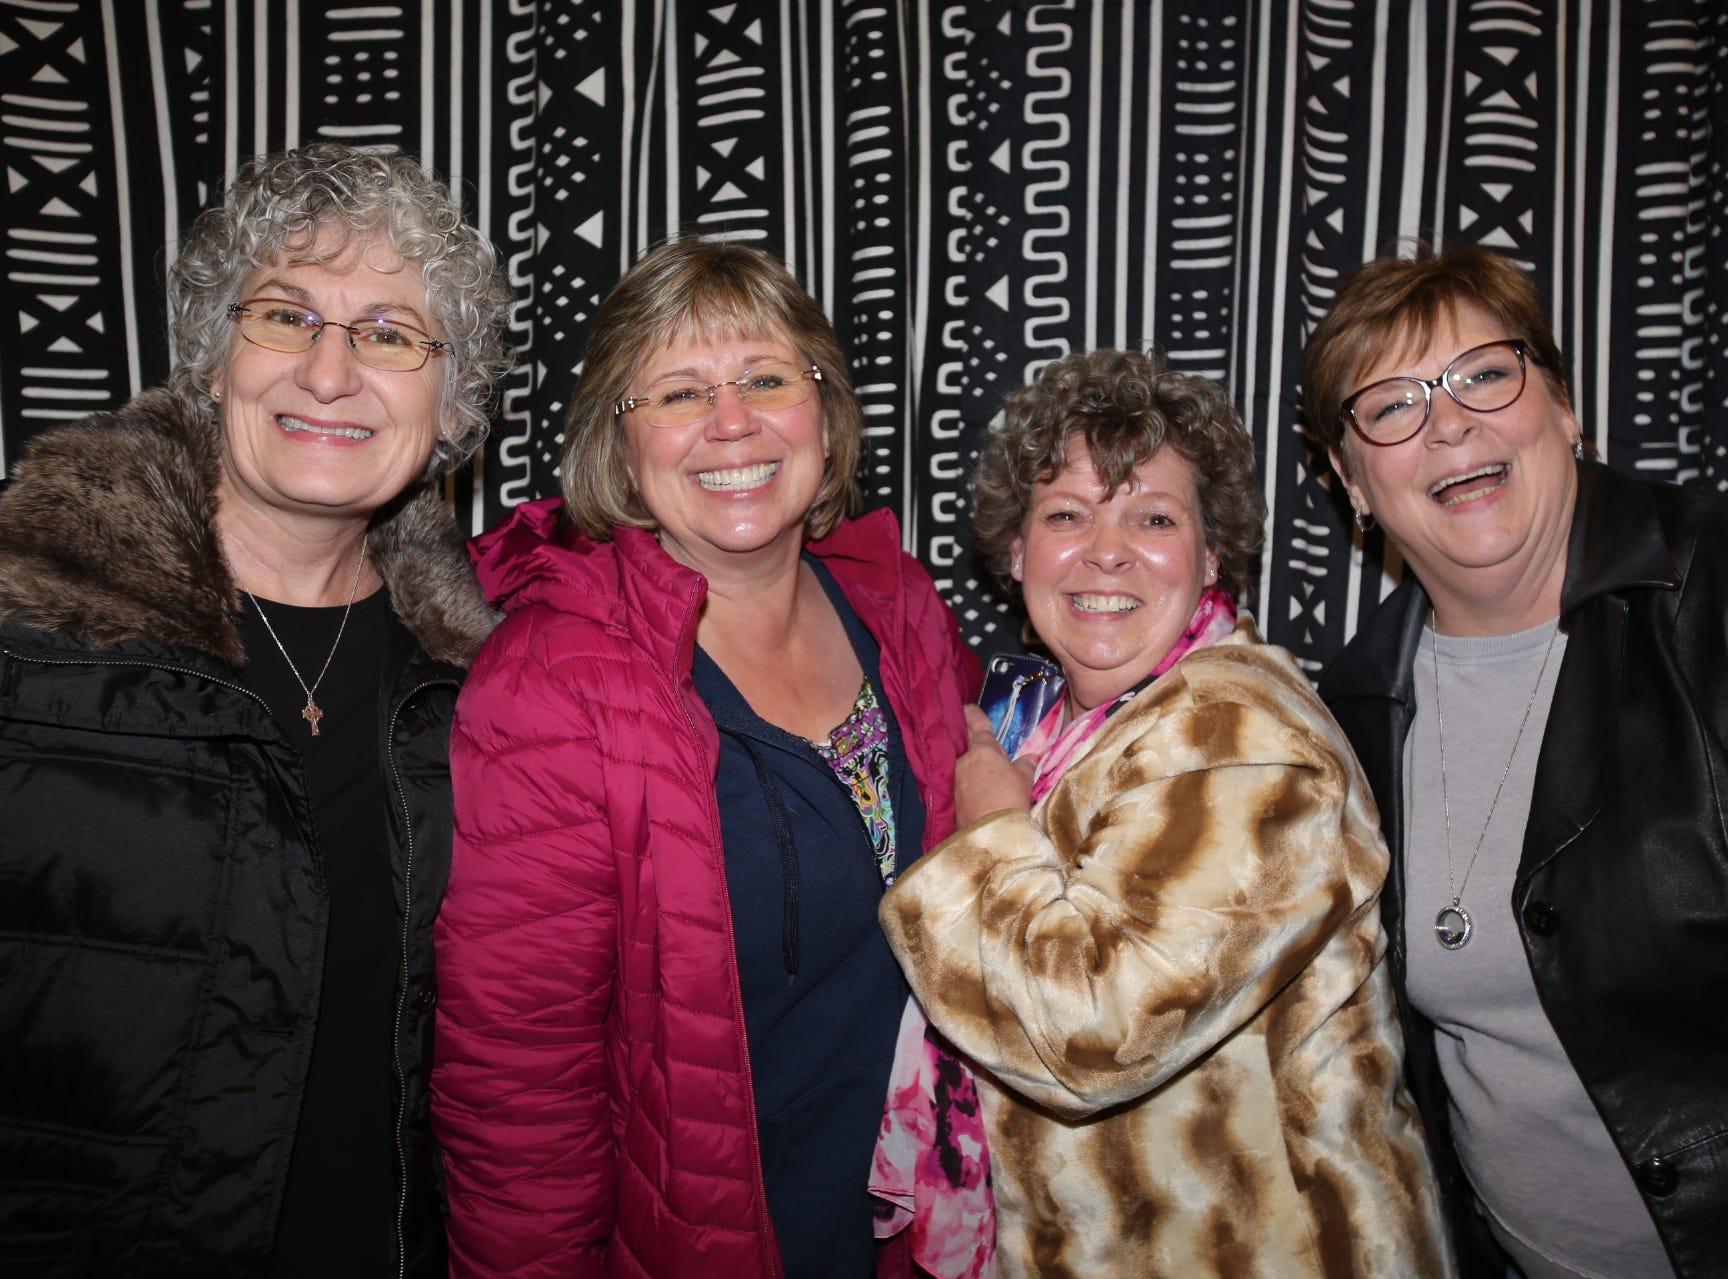 Julie Alessi, Gaylynn Crosby, Betty Rhodes, and Carol Williams